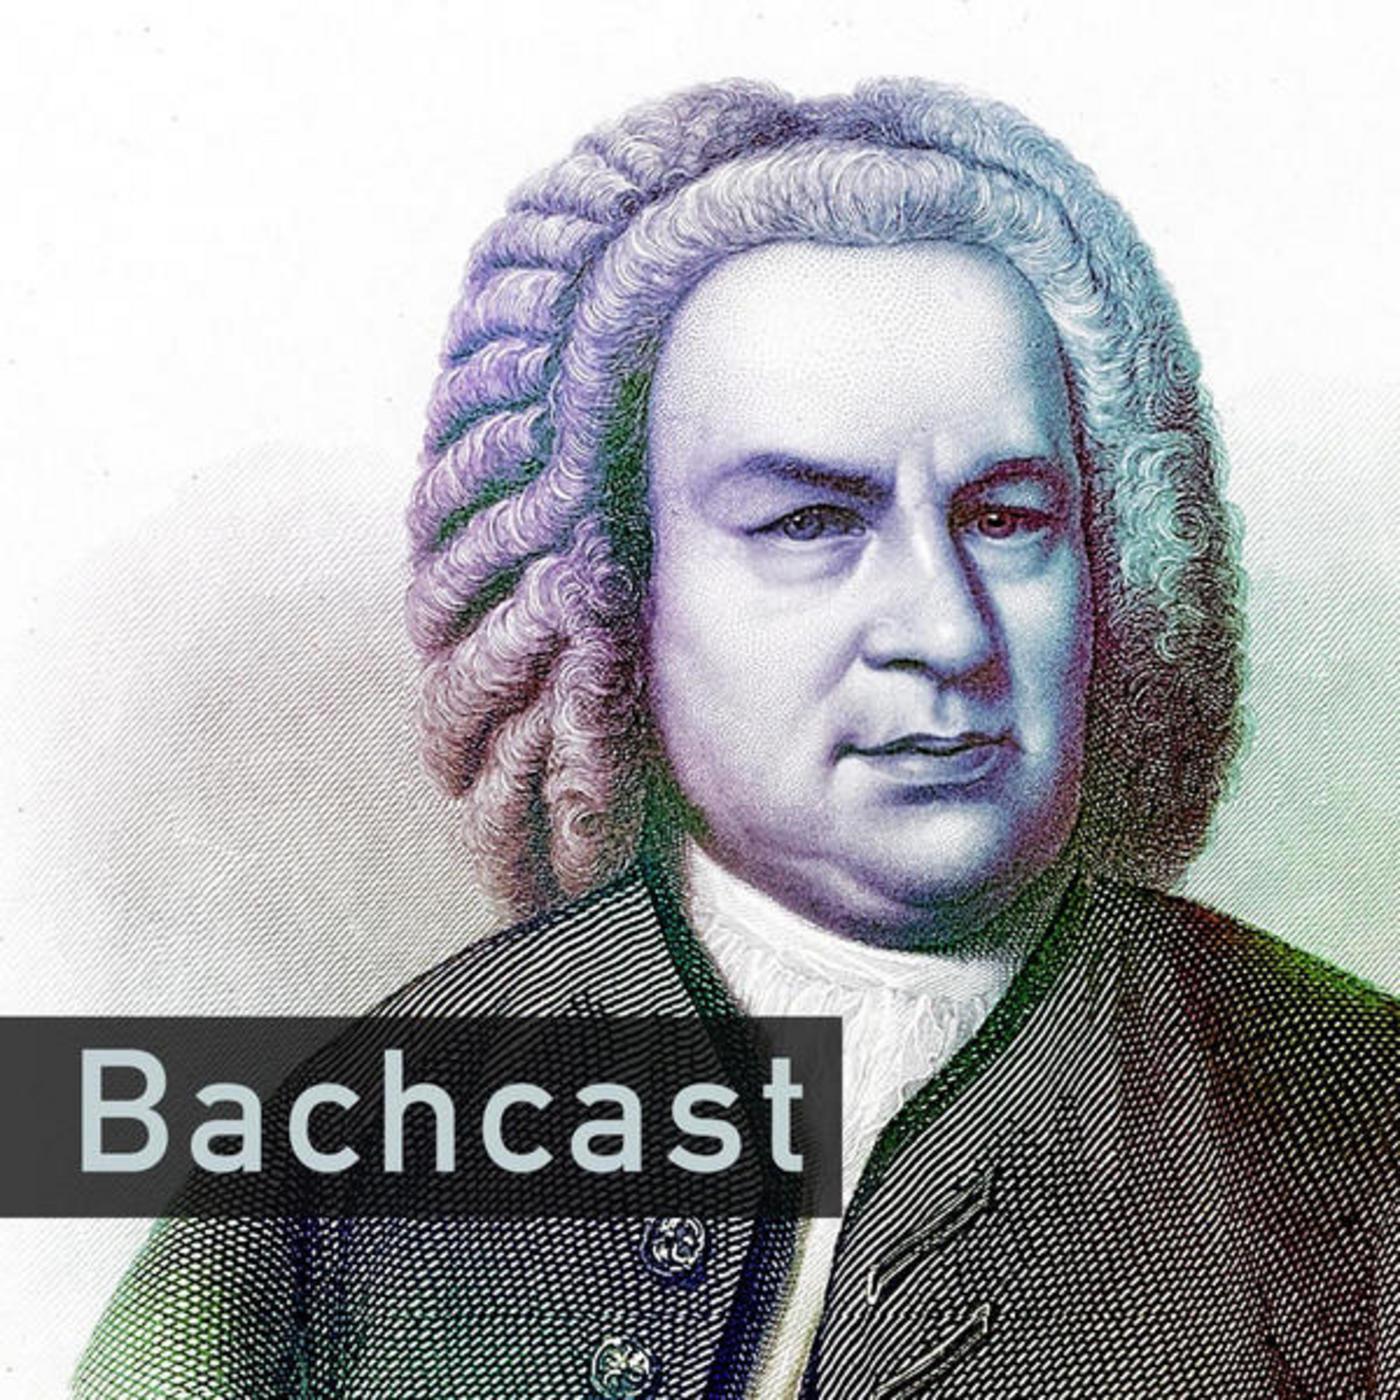 Bachcast Episode 22: Sonata in A minor, BWV 1003